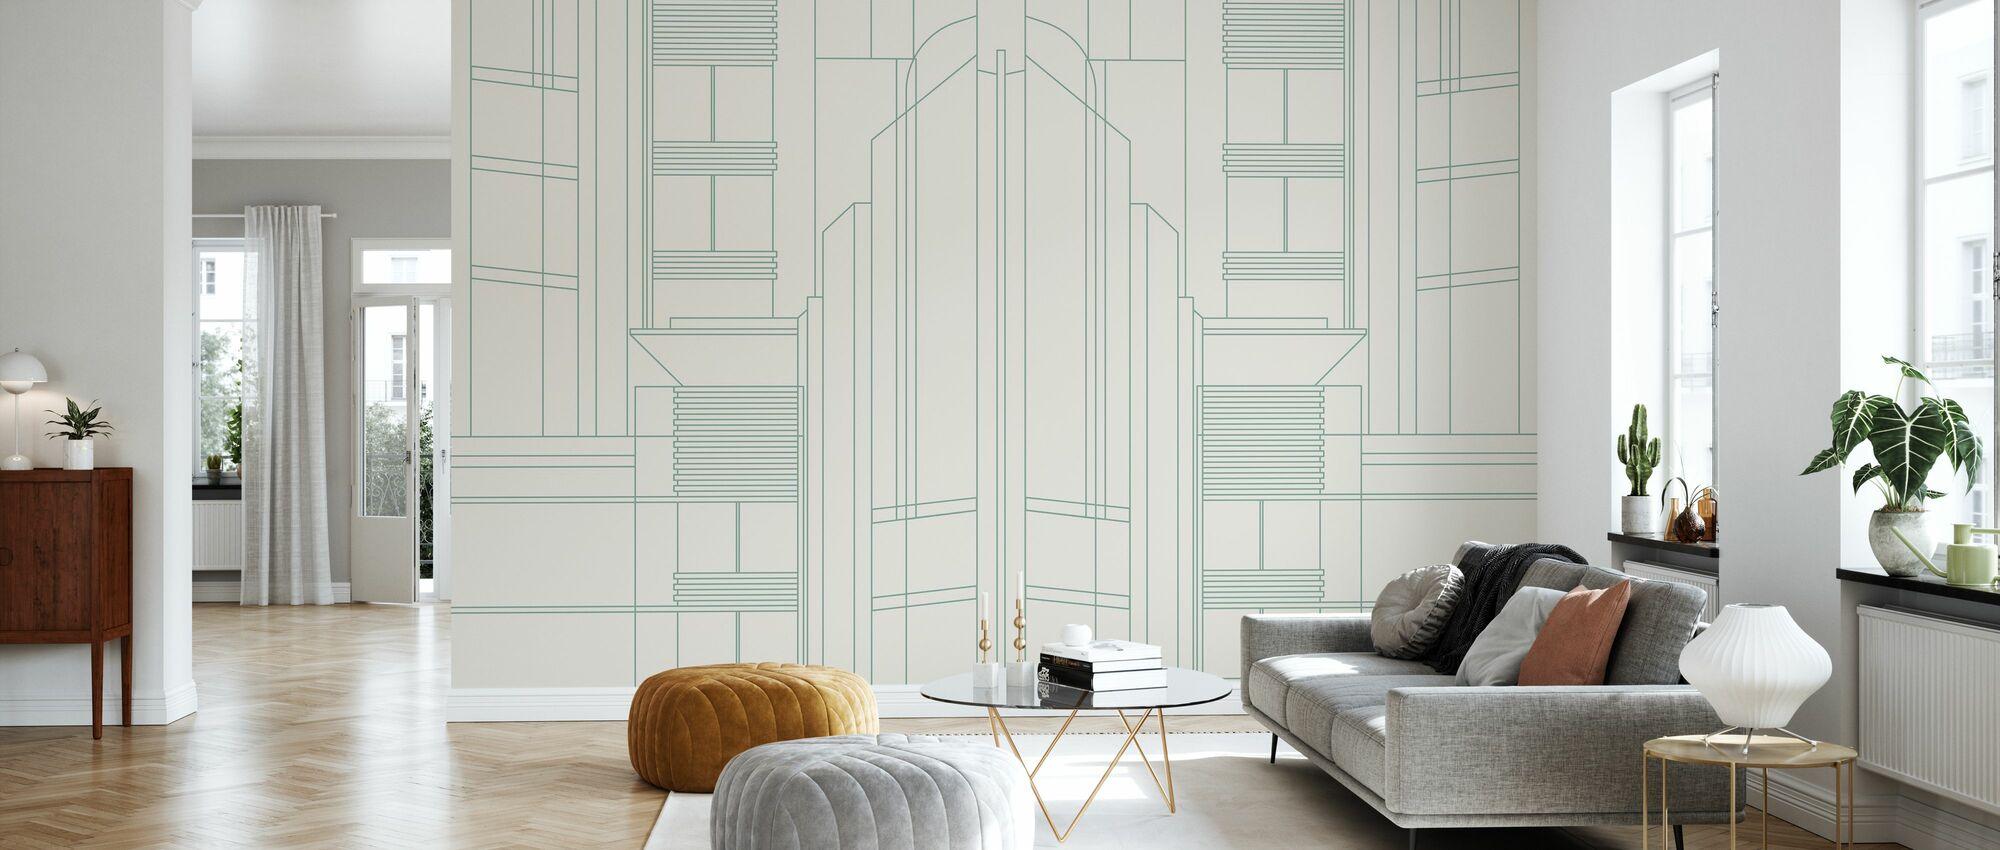 Deco - 05 - Wallpaper - Living Room